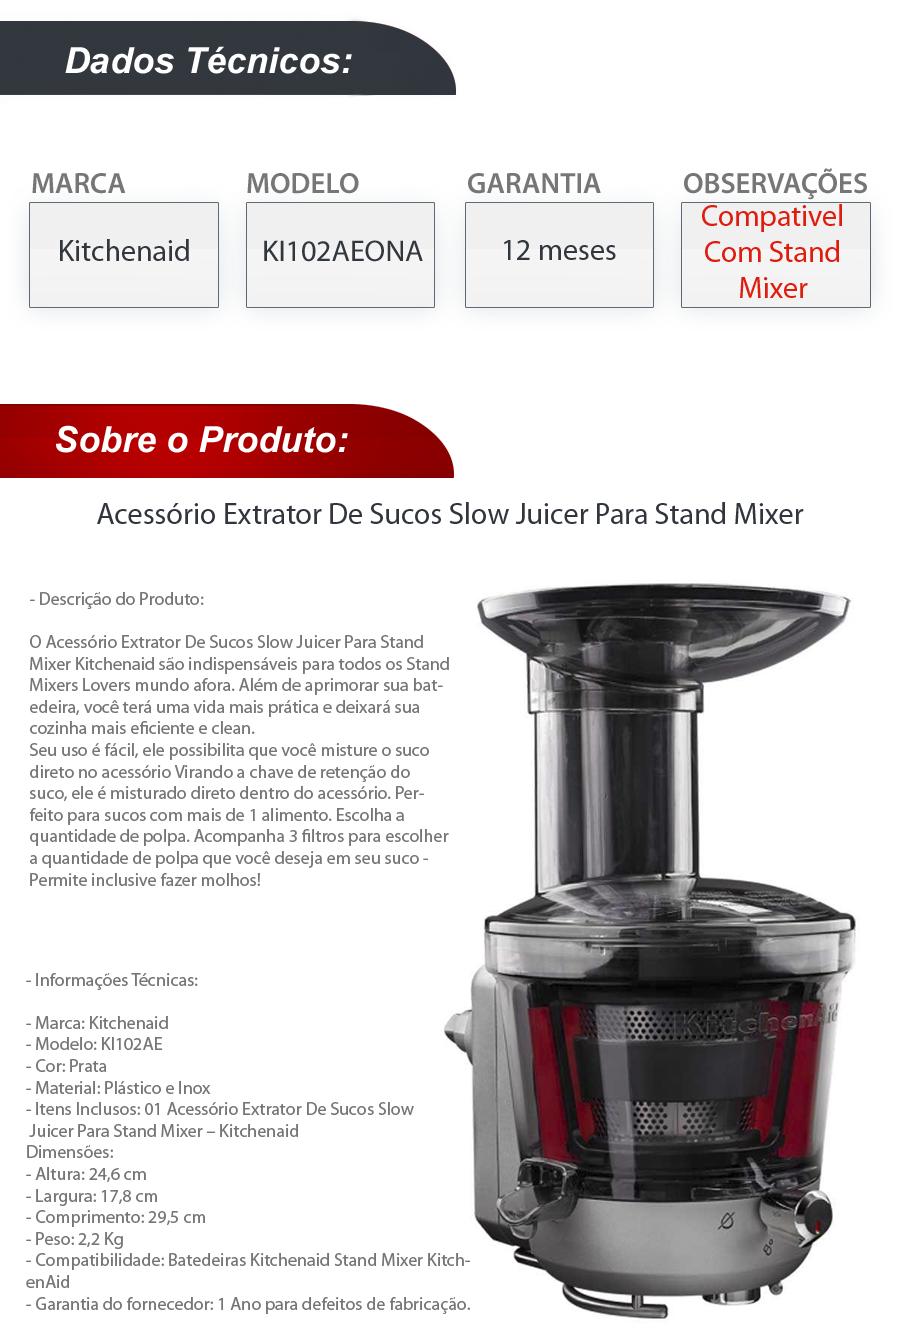 Slow Juicer Cadence Mercado Livre : Acessorio Extrator Sucos Slow Juicer Stand Mixer Kitchenaid - R$ 849,90 em Mercado Livre